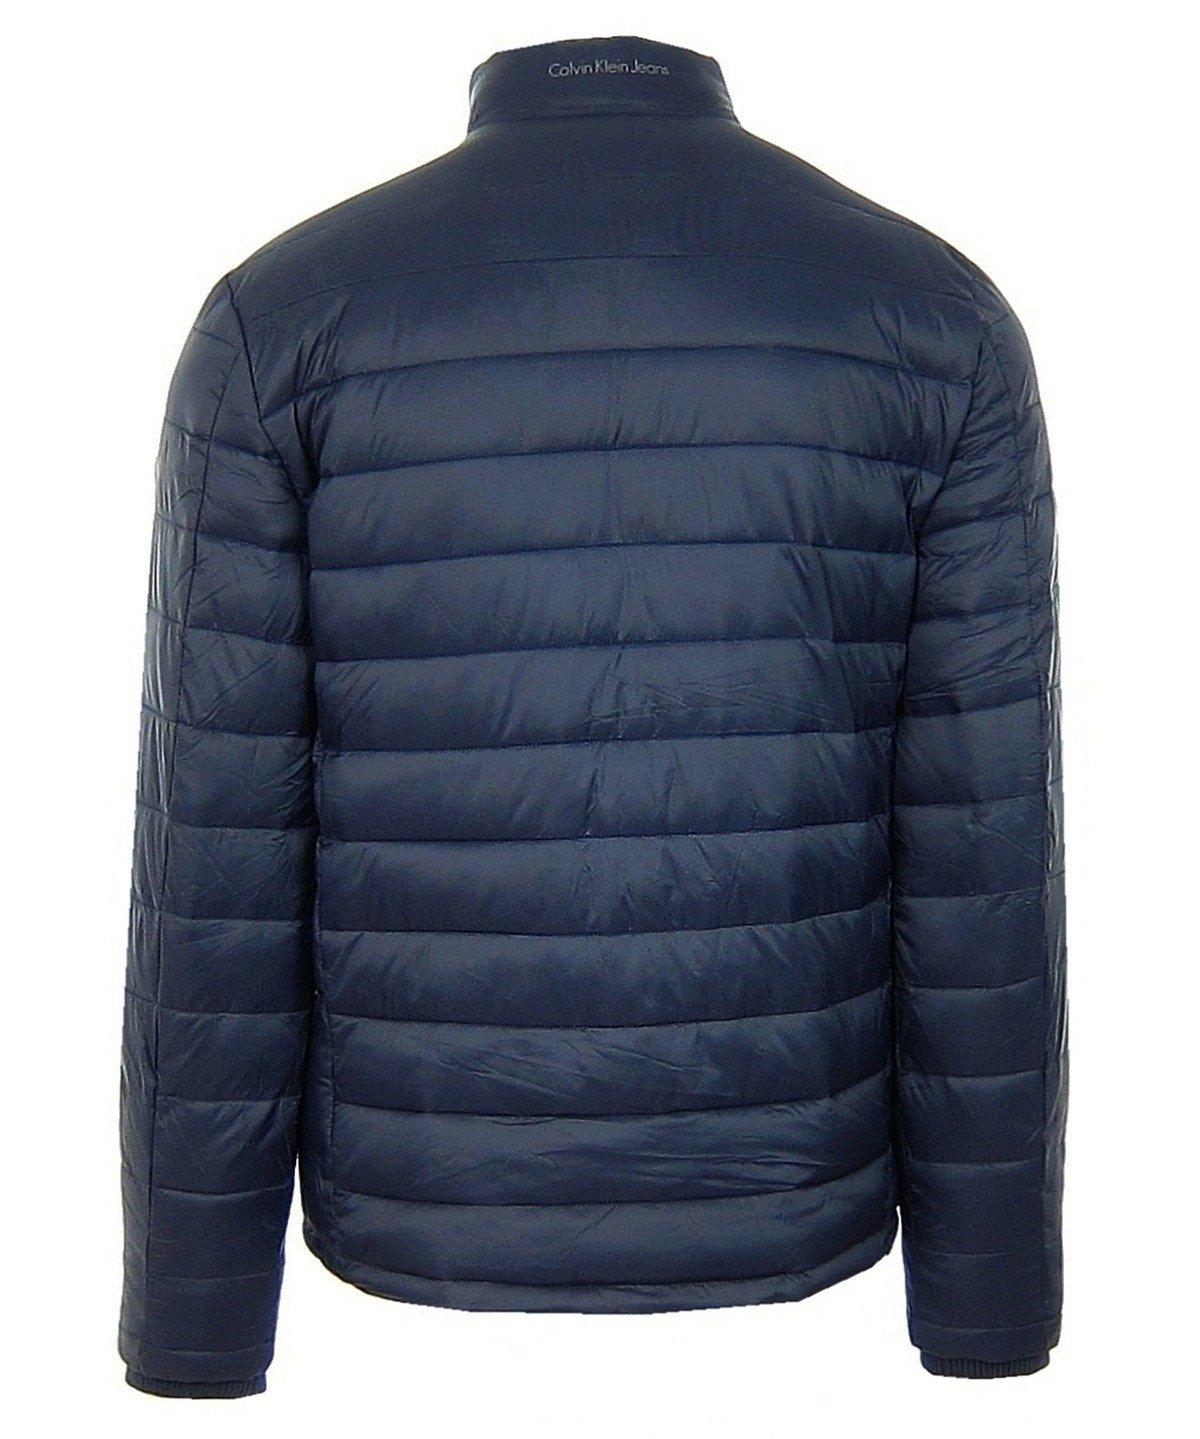 Details zu CALVIN KLEIN JEANS Addi 2 Herren Men Steppjacke Jacke Jacket Blau S,M,L,XL,XXL